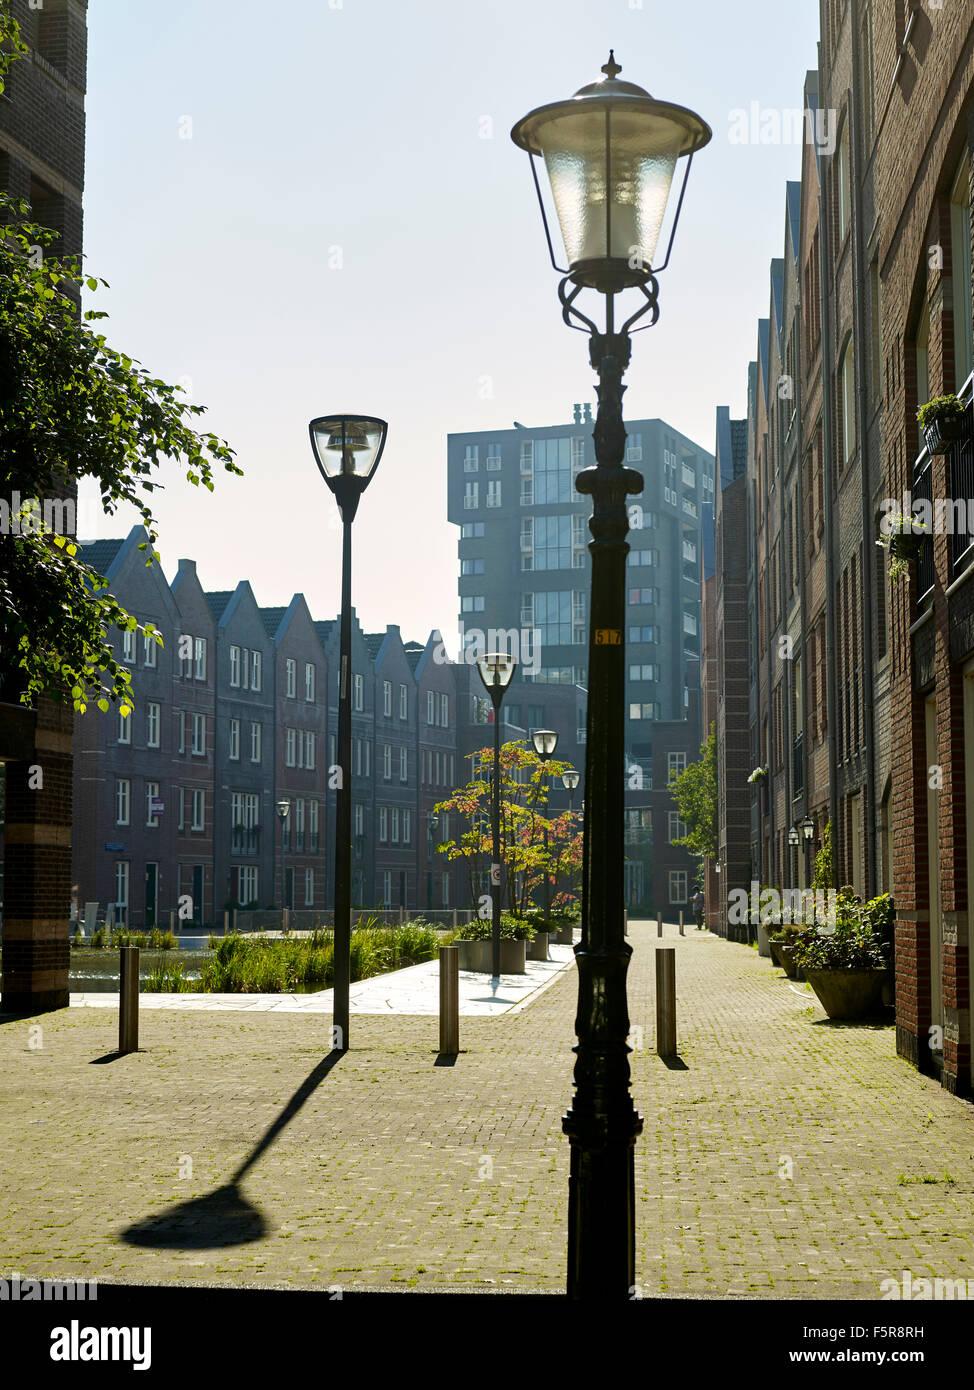 Place publique entourée d'appartements et des candélabres près du centre de La Haye, Pays-Bas Photo Stock